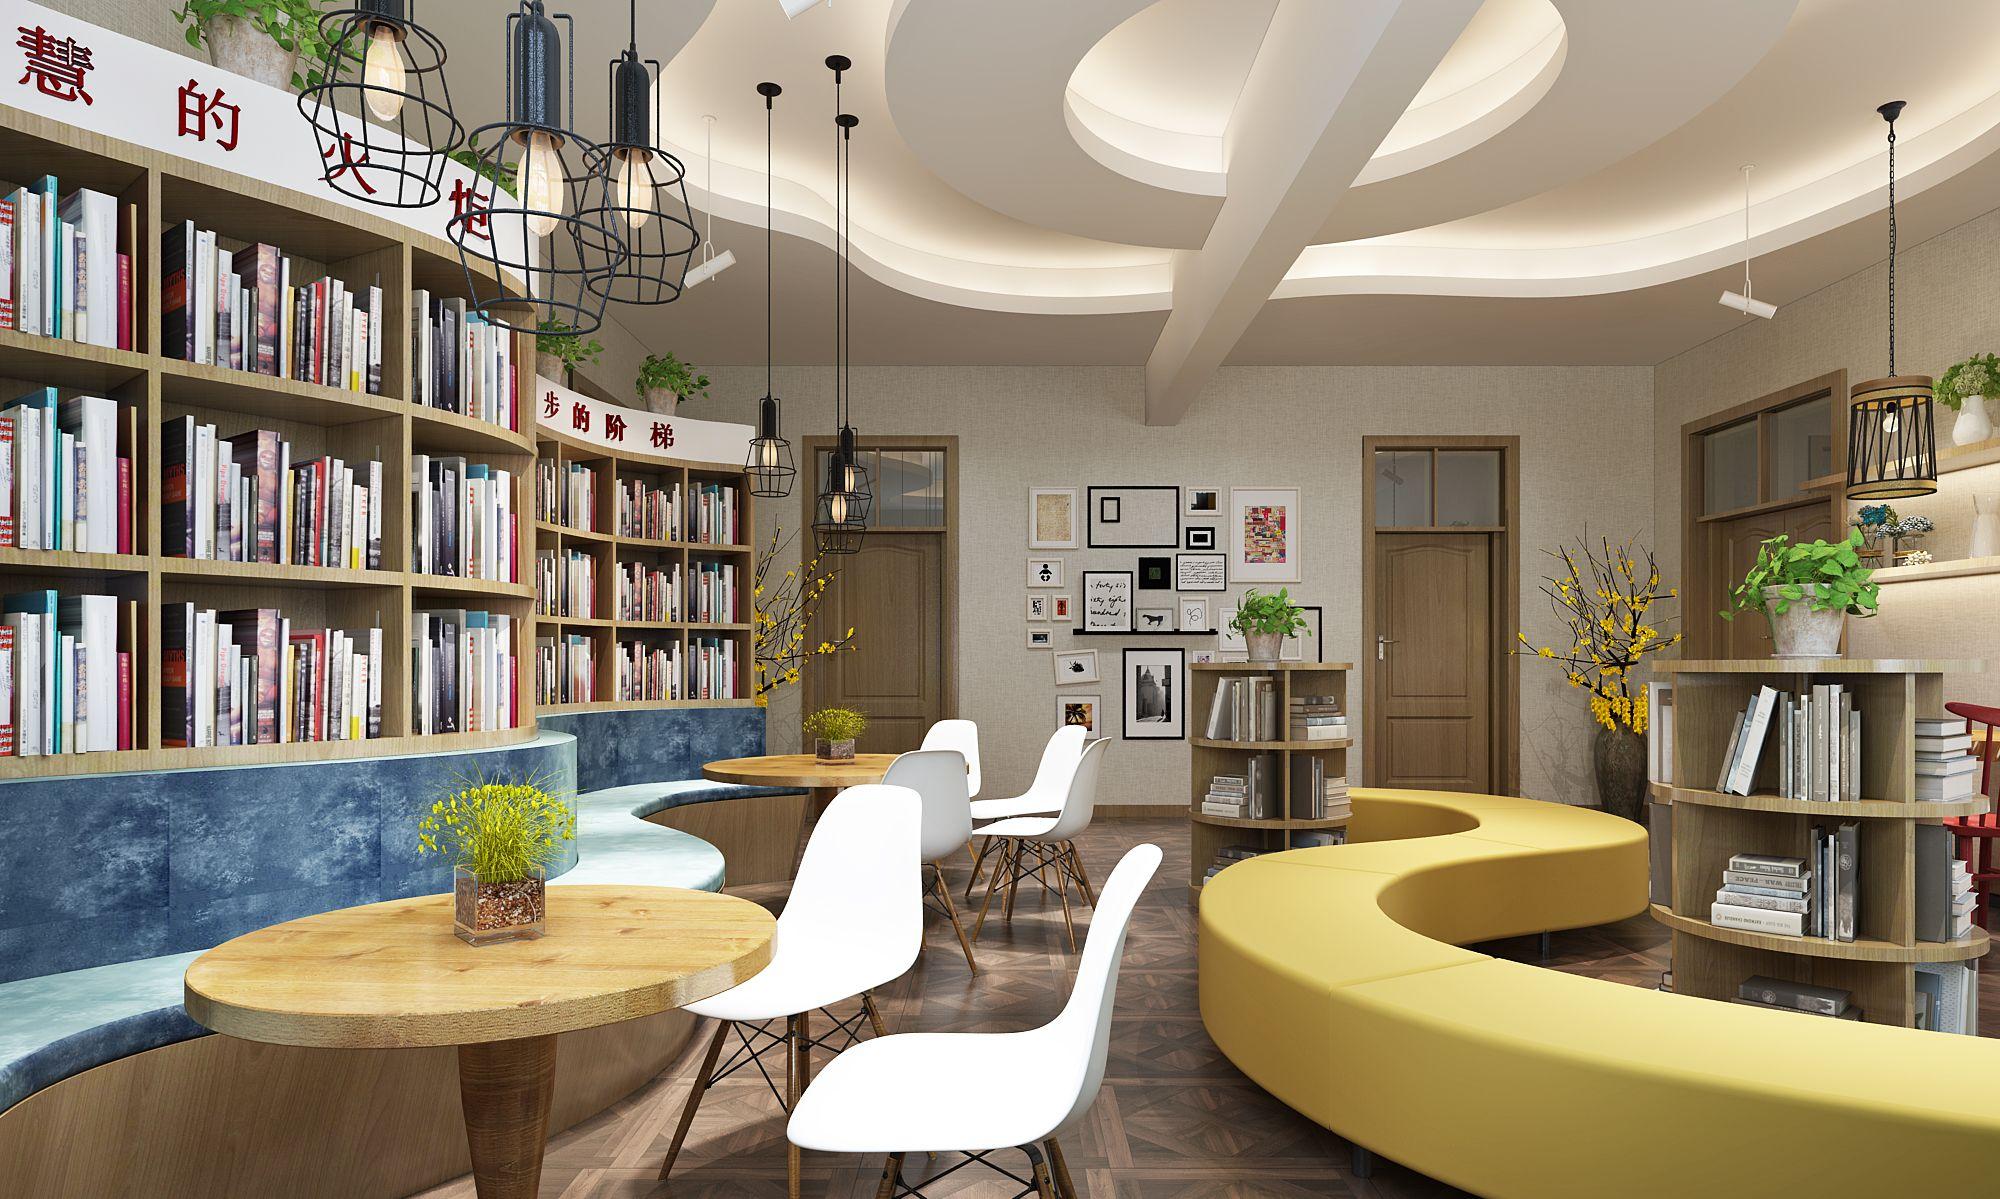 最好的室内设计,百度搜索(何立新设计师)里面有更多精彩